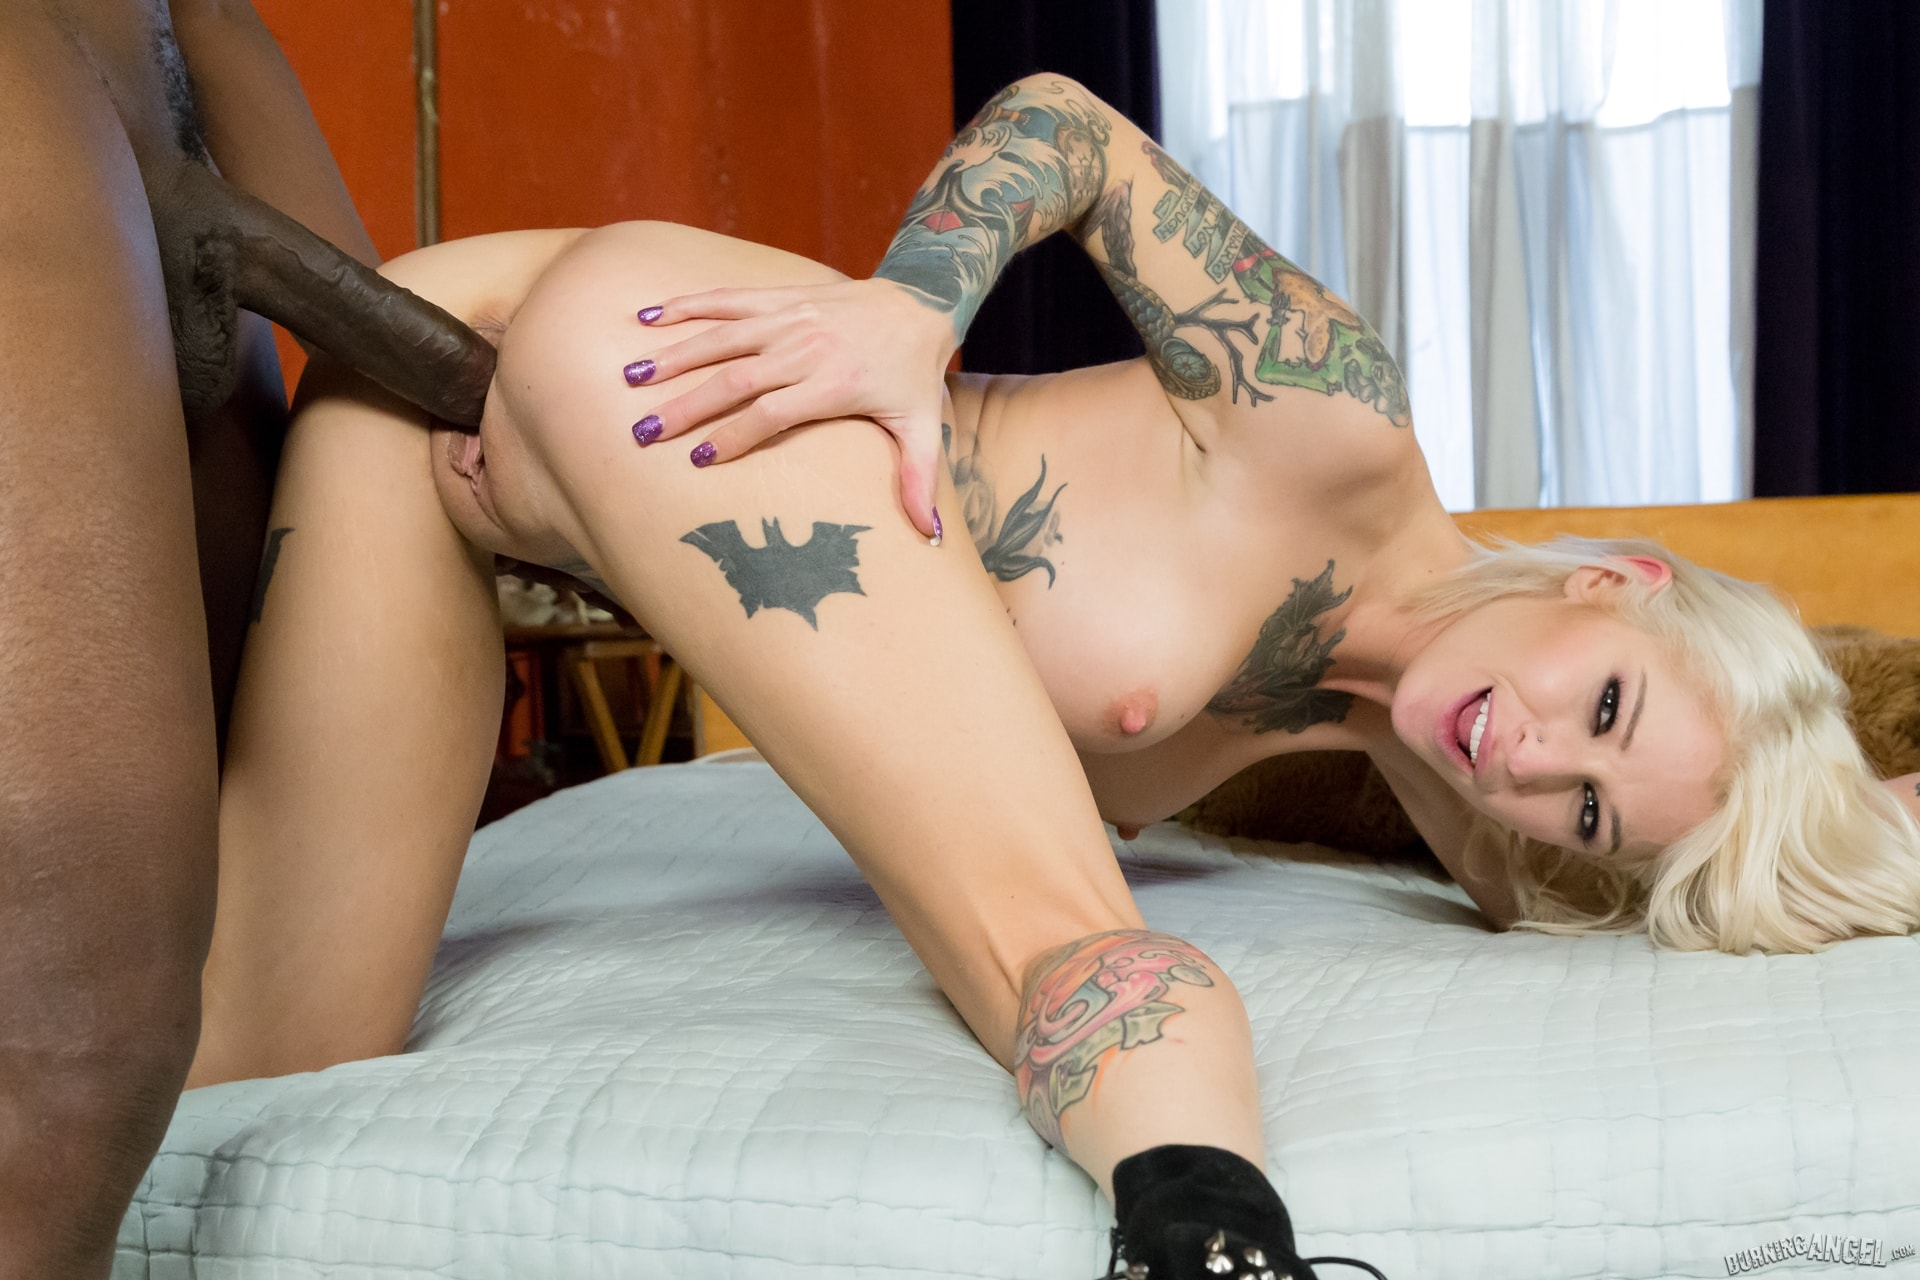 Черная порно актриса вся в тату, 20 знаменитых порно-актрис с татуировками - фото 2 фотография